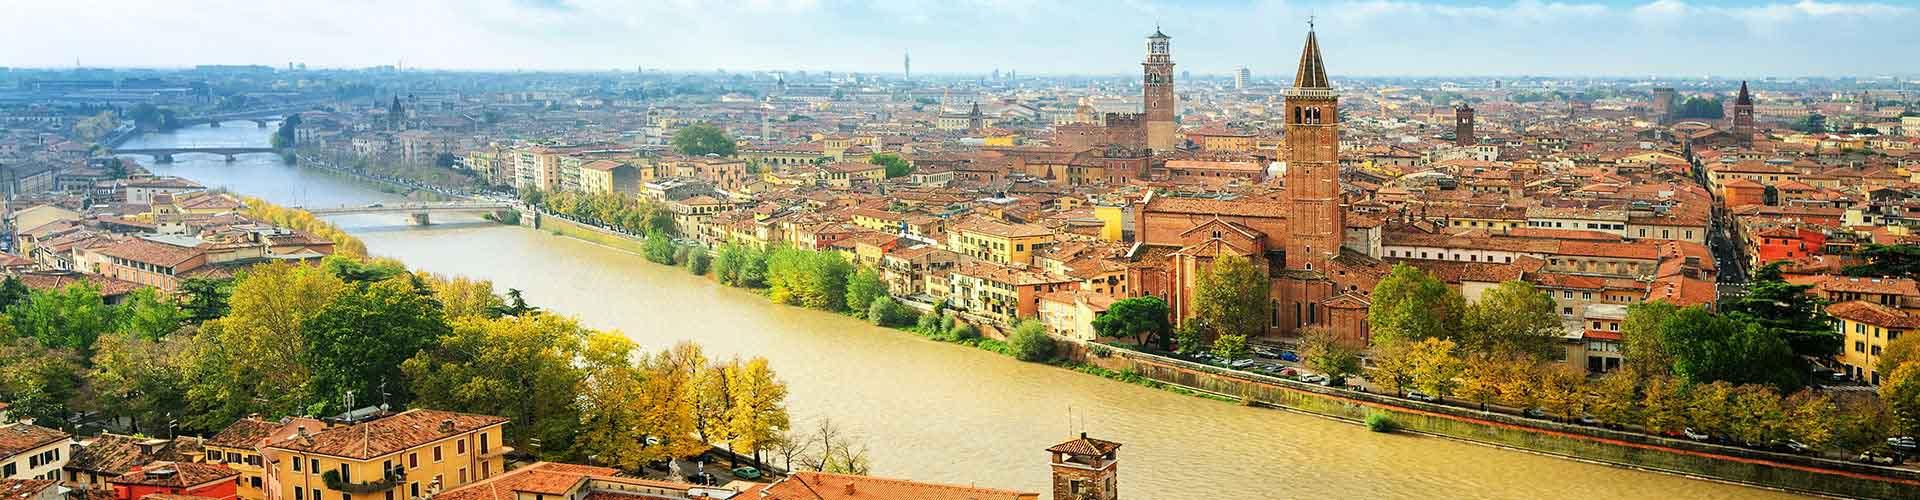 Verona - Campamentos en Verona. Mapas de Verona, Fotos y comentarios de cada Campamento en Verona.